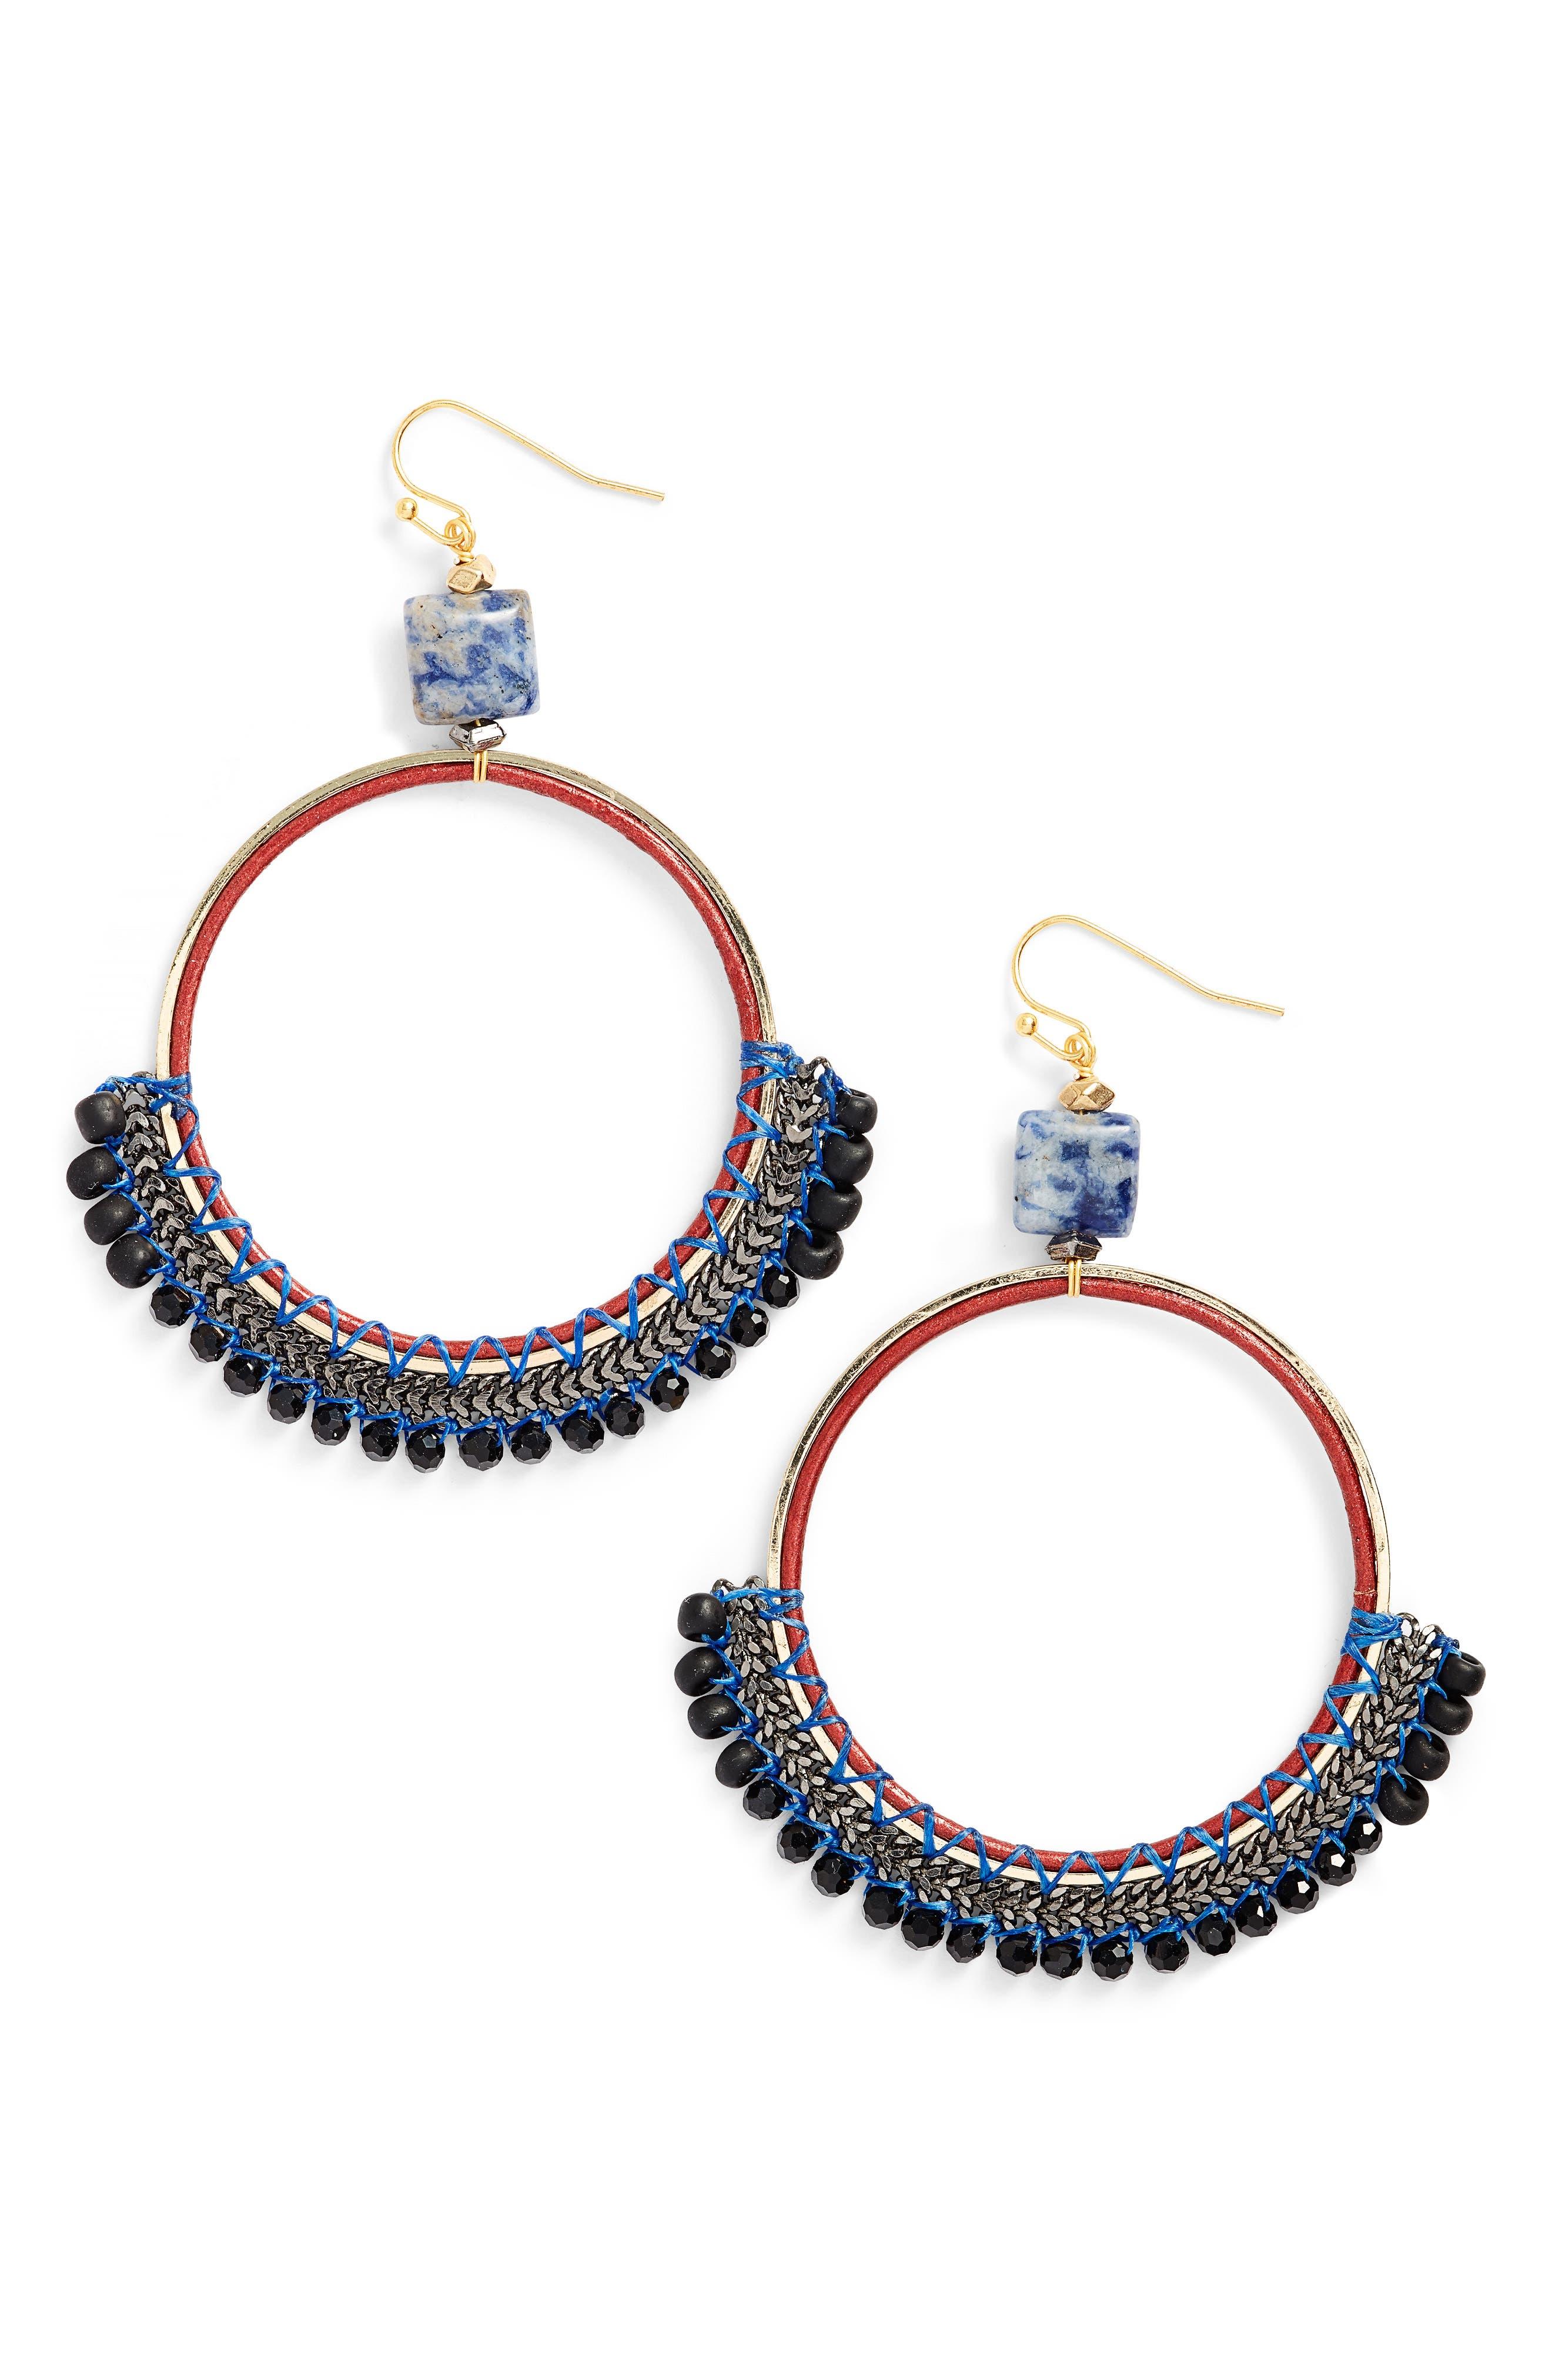 Bachubai Crystal & Chain Hoop Earrings,                         Main,                         color, 400